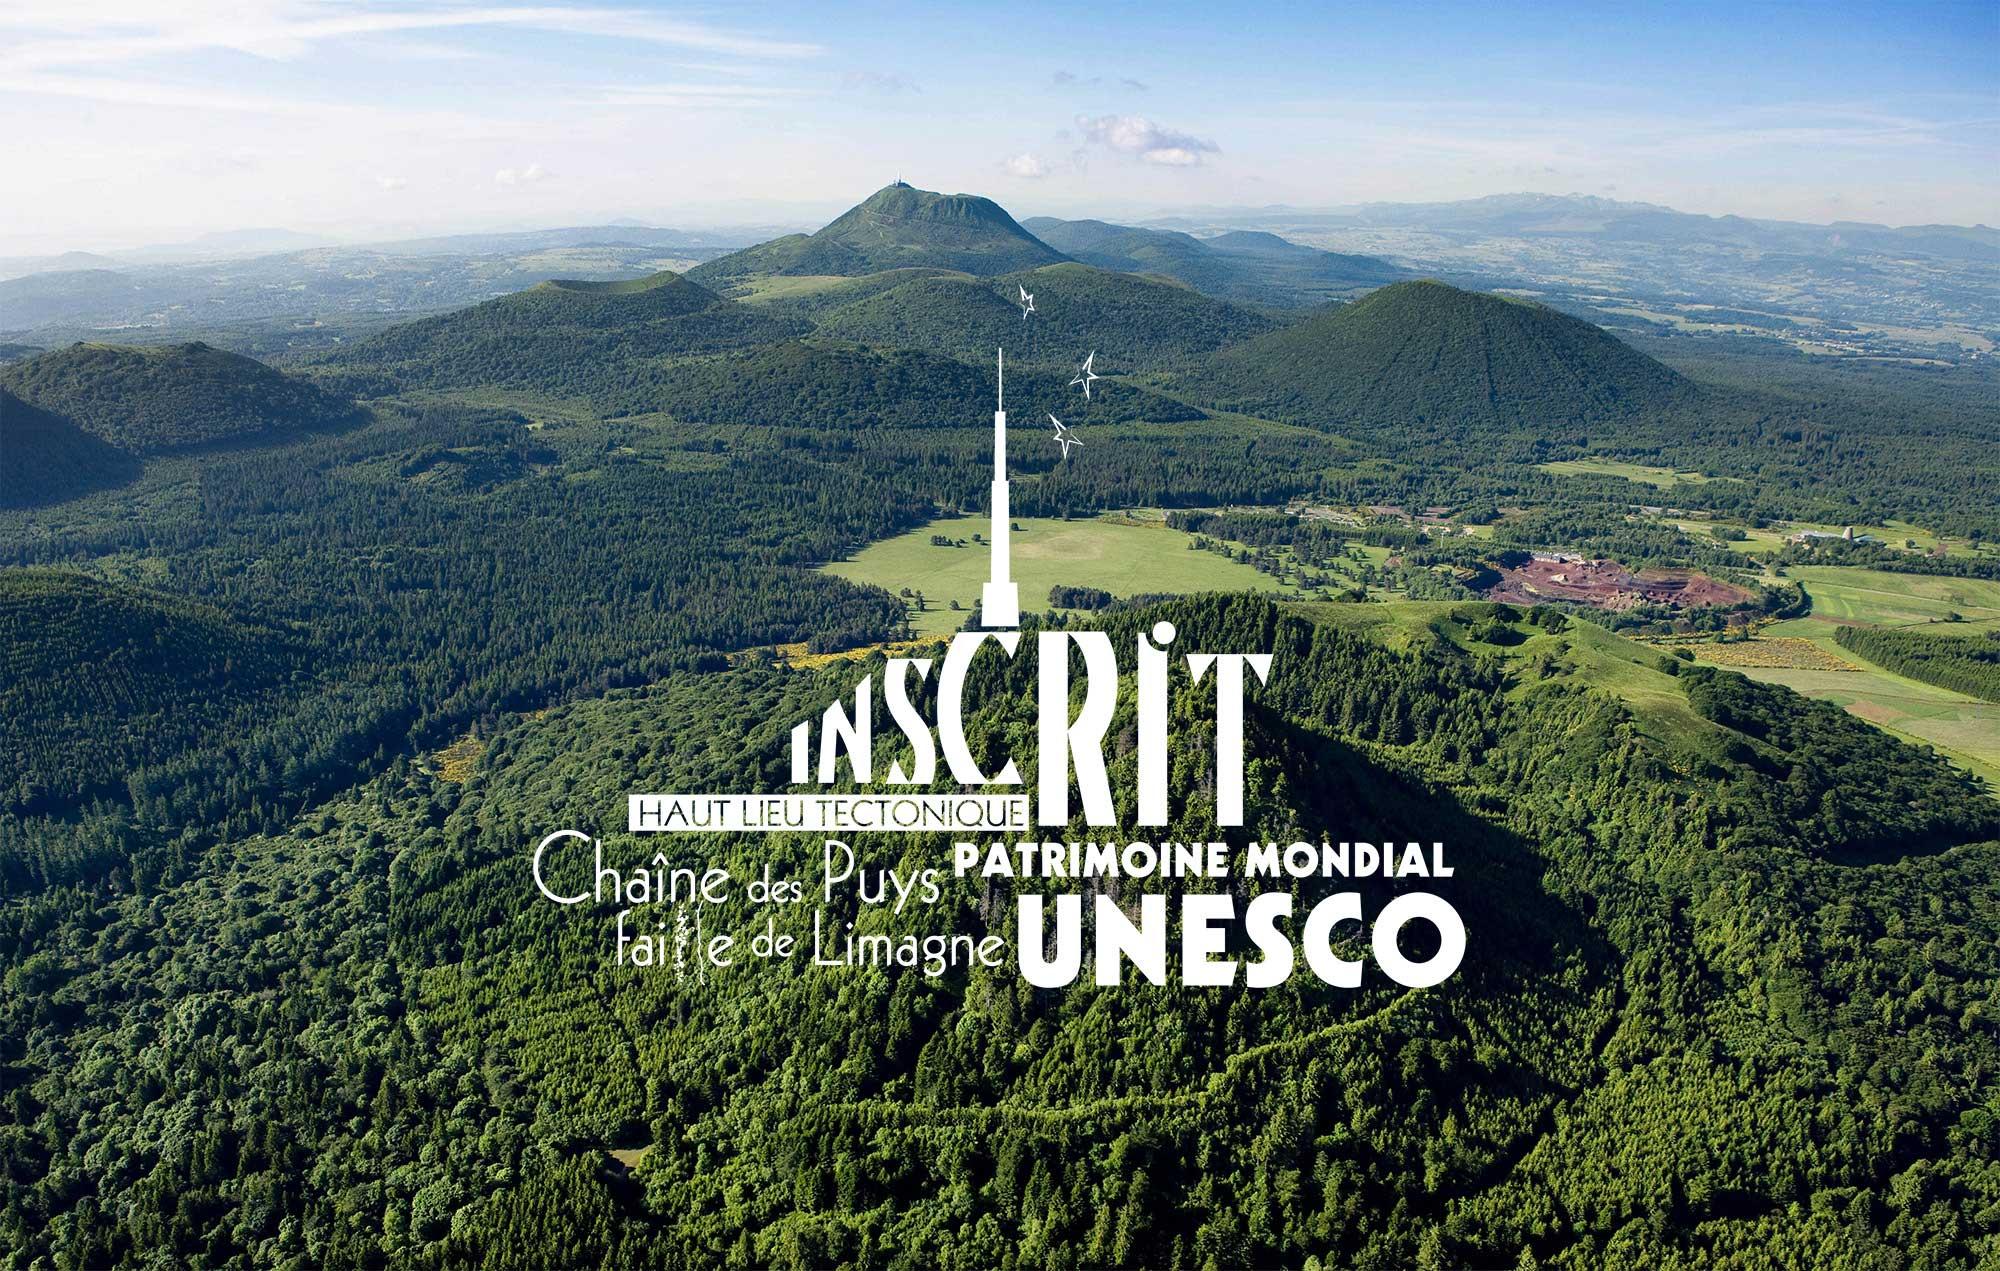 UNESCO – Chaîne des Puys-Faille de Limagne